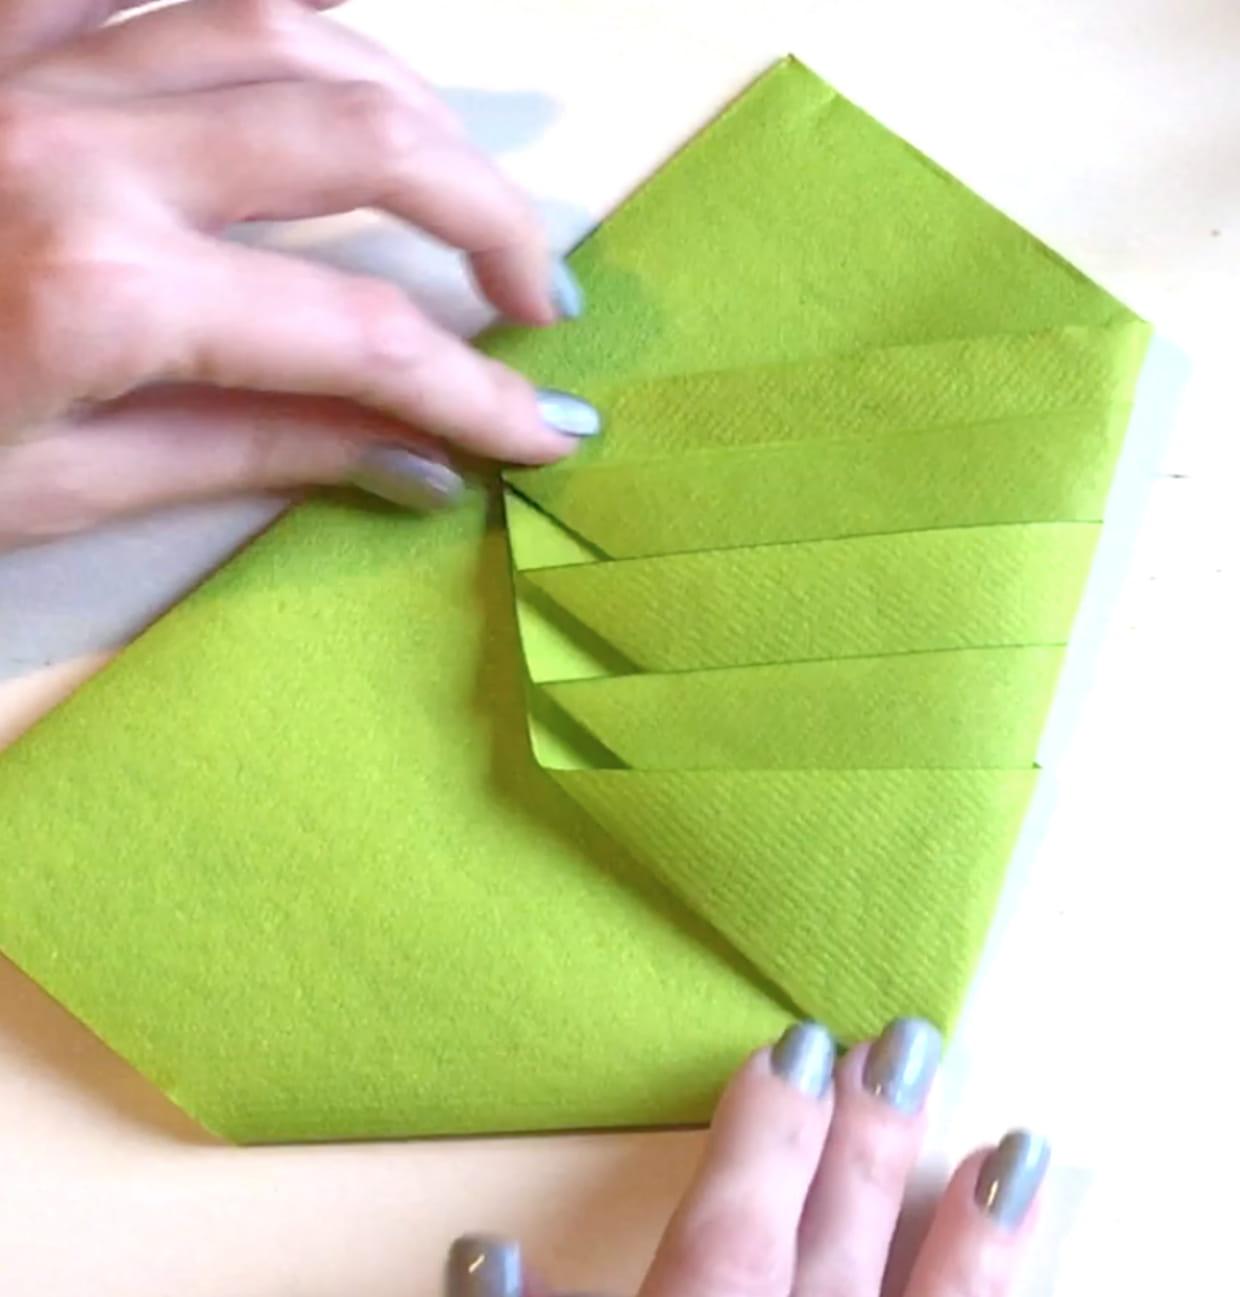 Pliage Serviette Papier Avec Couverts pliage serviette en forme de sapin de noël